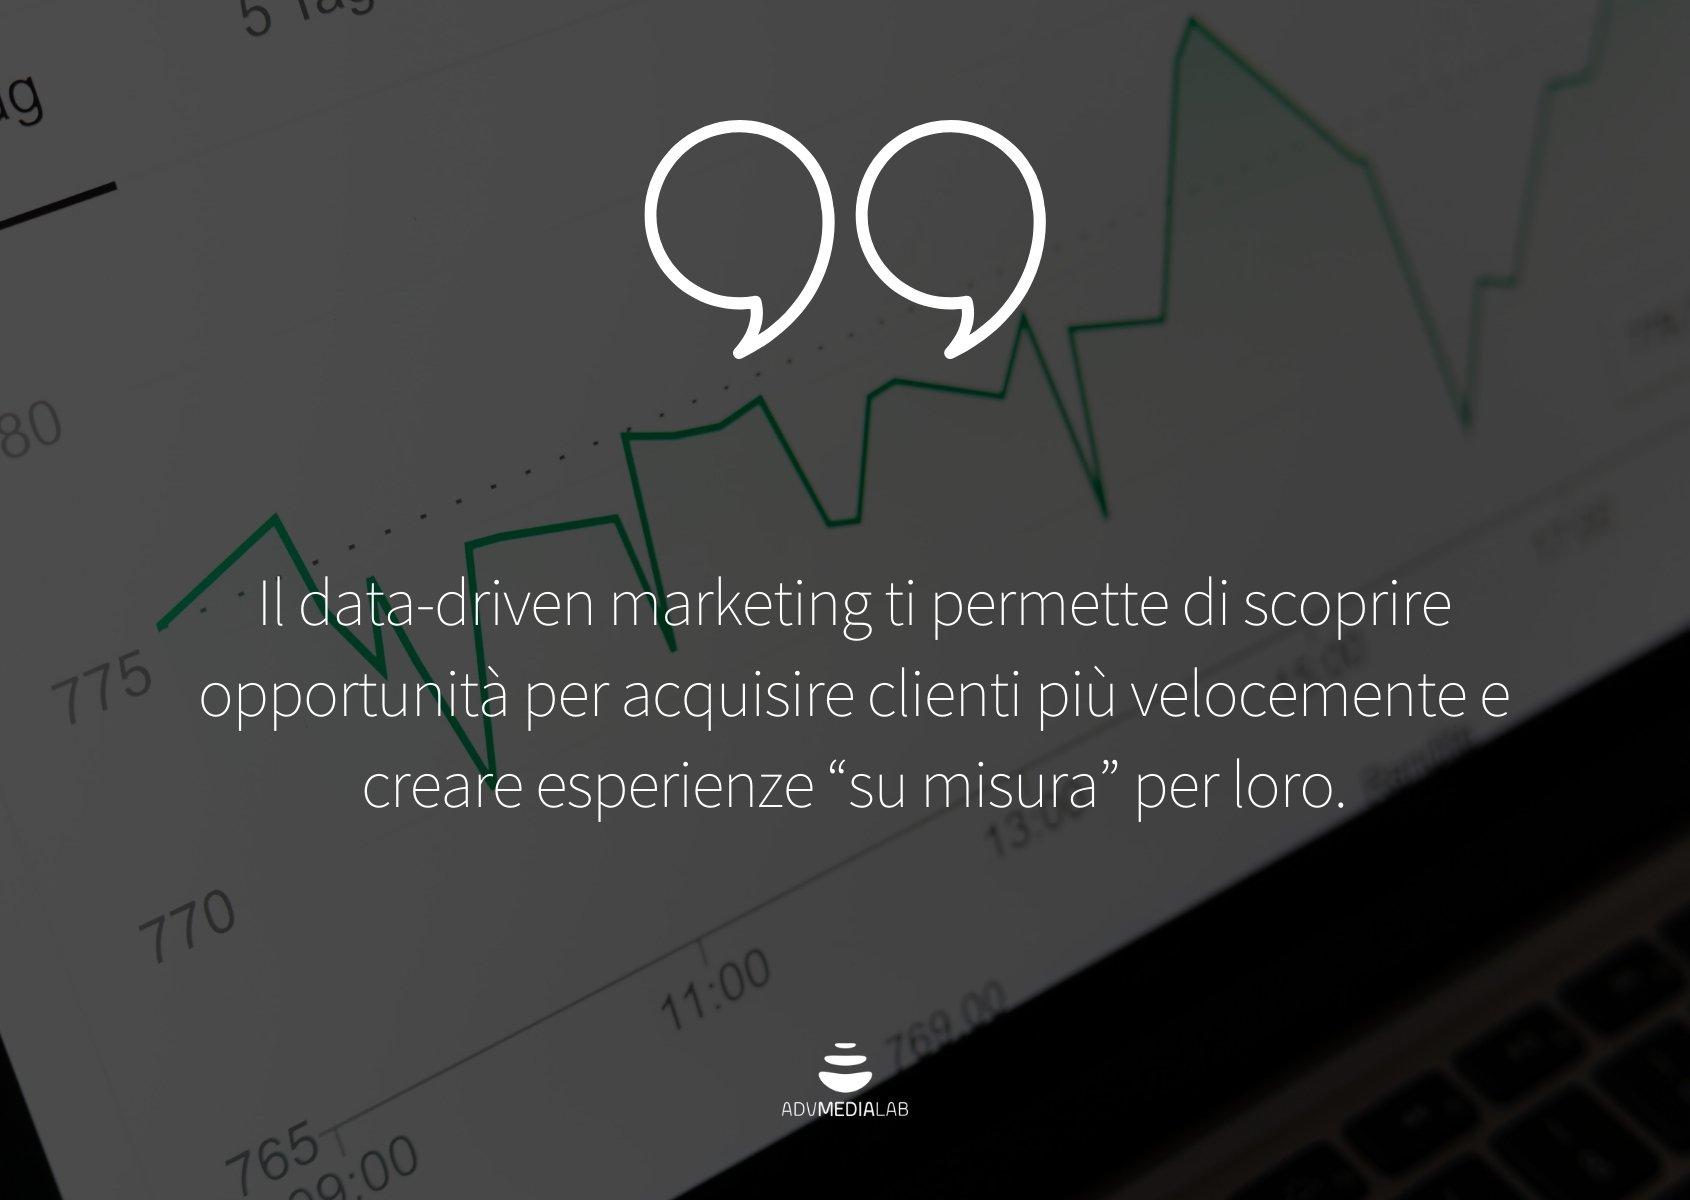 data-driven-marketing-quote1